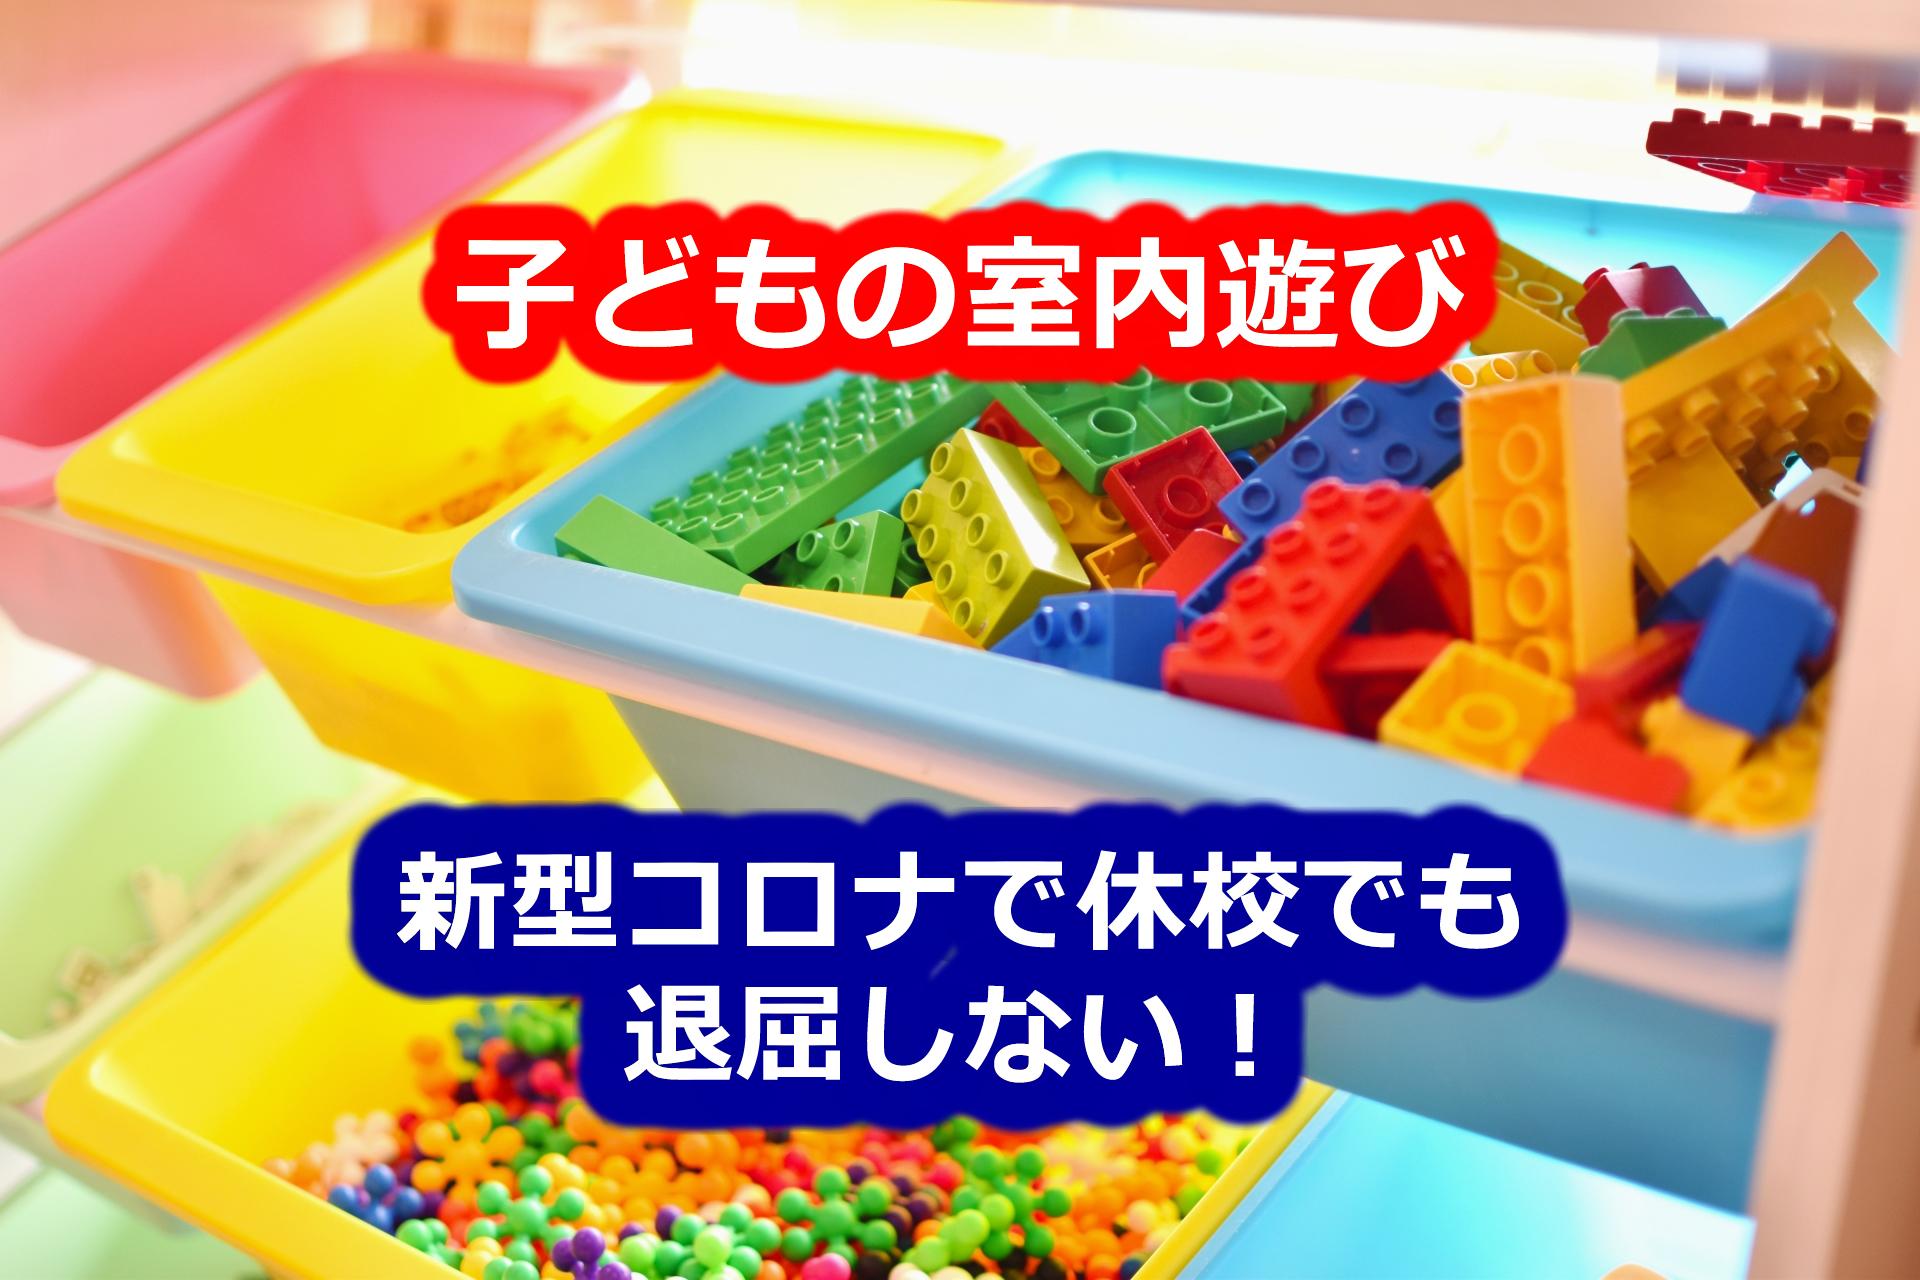 【コロナウィルス】小学校が休校でも退屈しない!子どもの室内遊び3選!